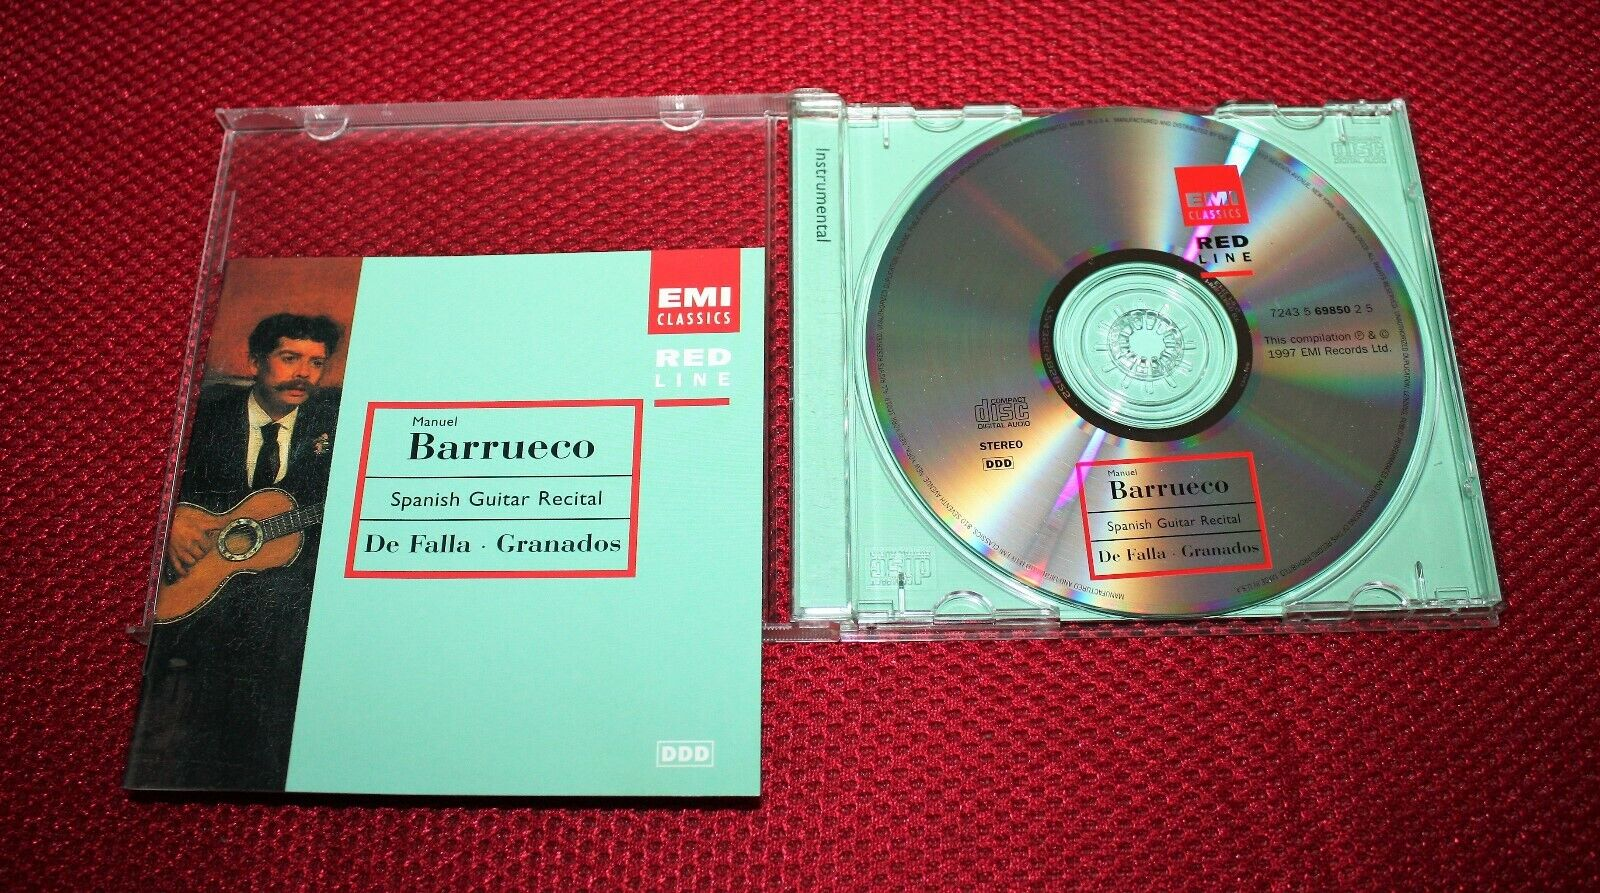 MANUEL BARRUECO, Gently Pre-owned CD, Granados, CLASSICAL SPANISH GUITAR, EX  - $4.00